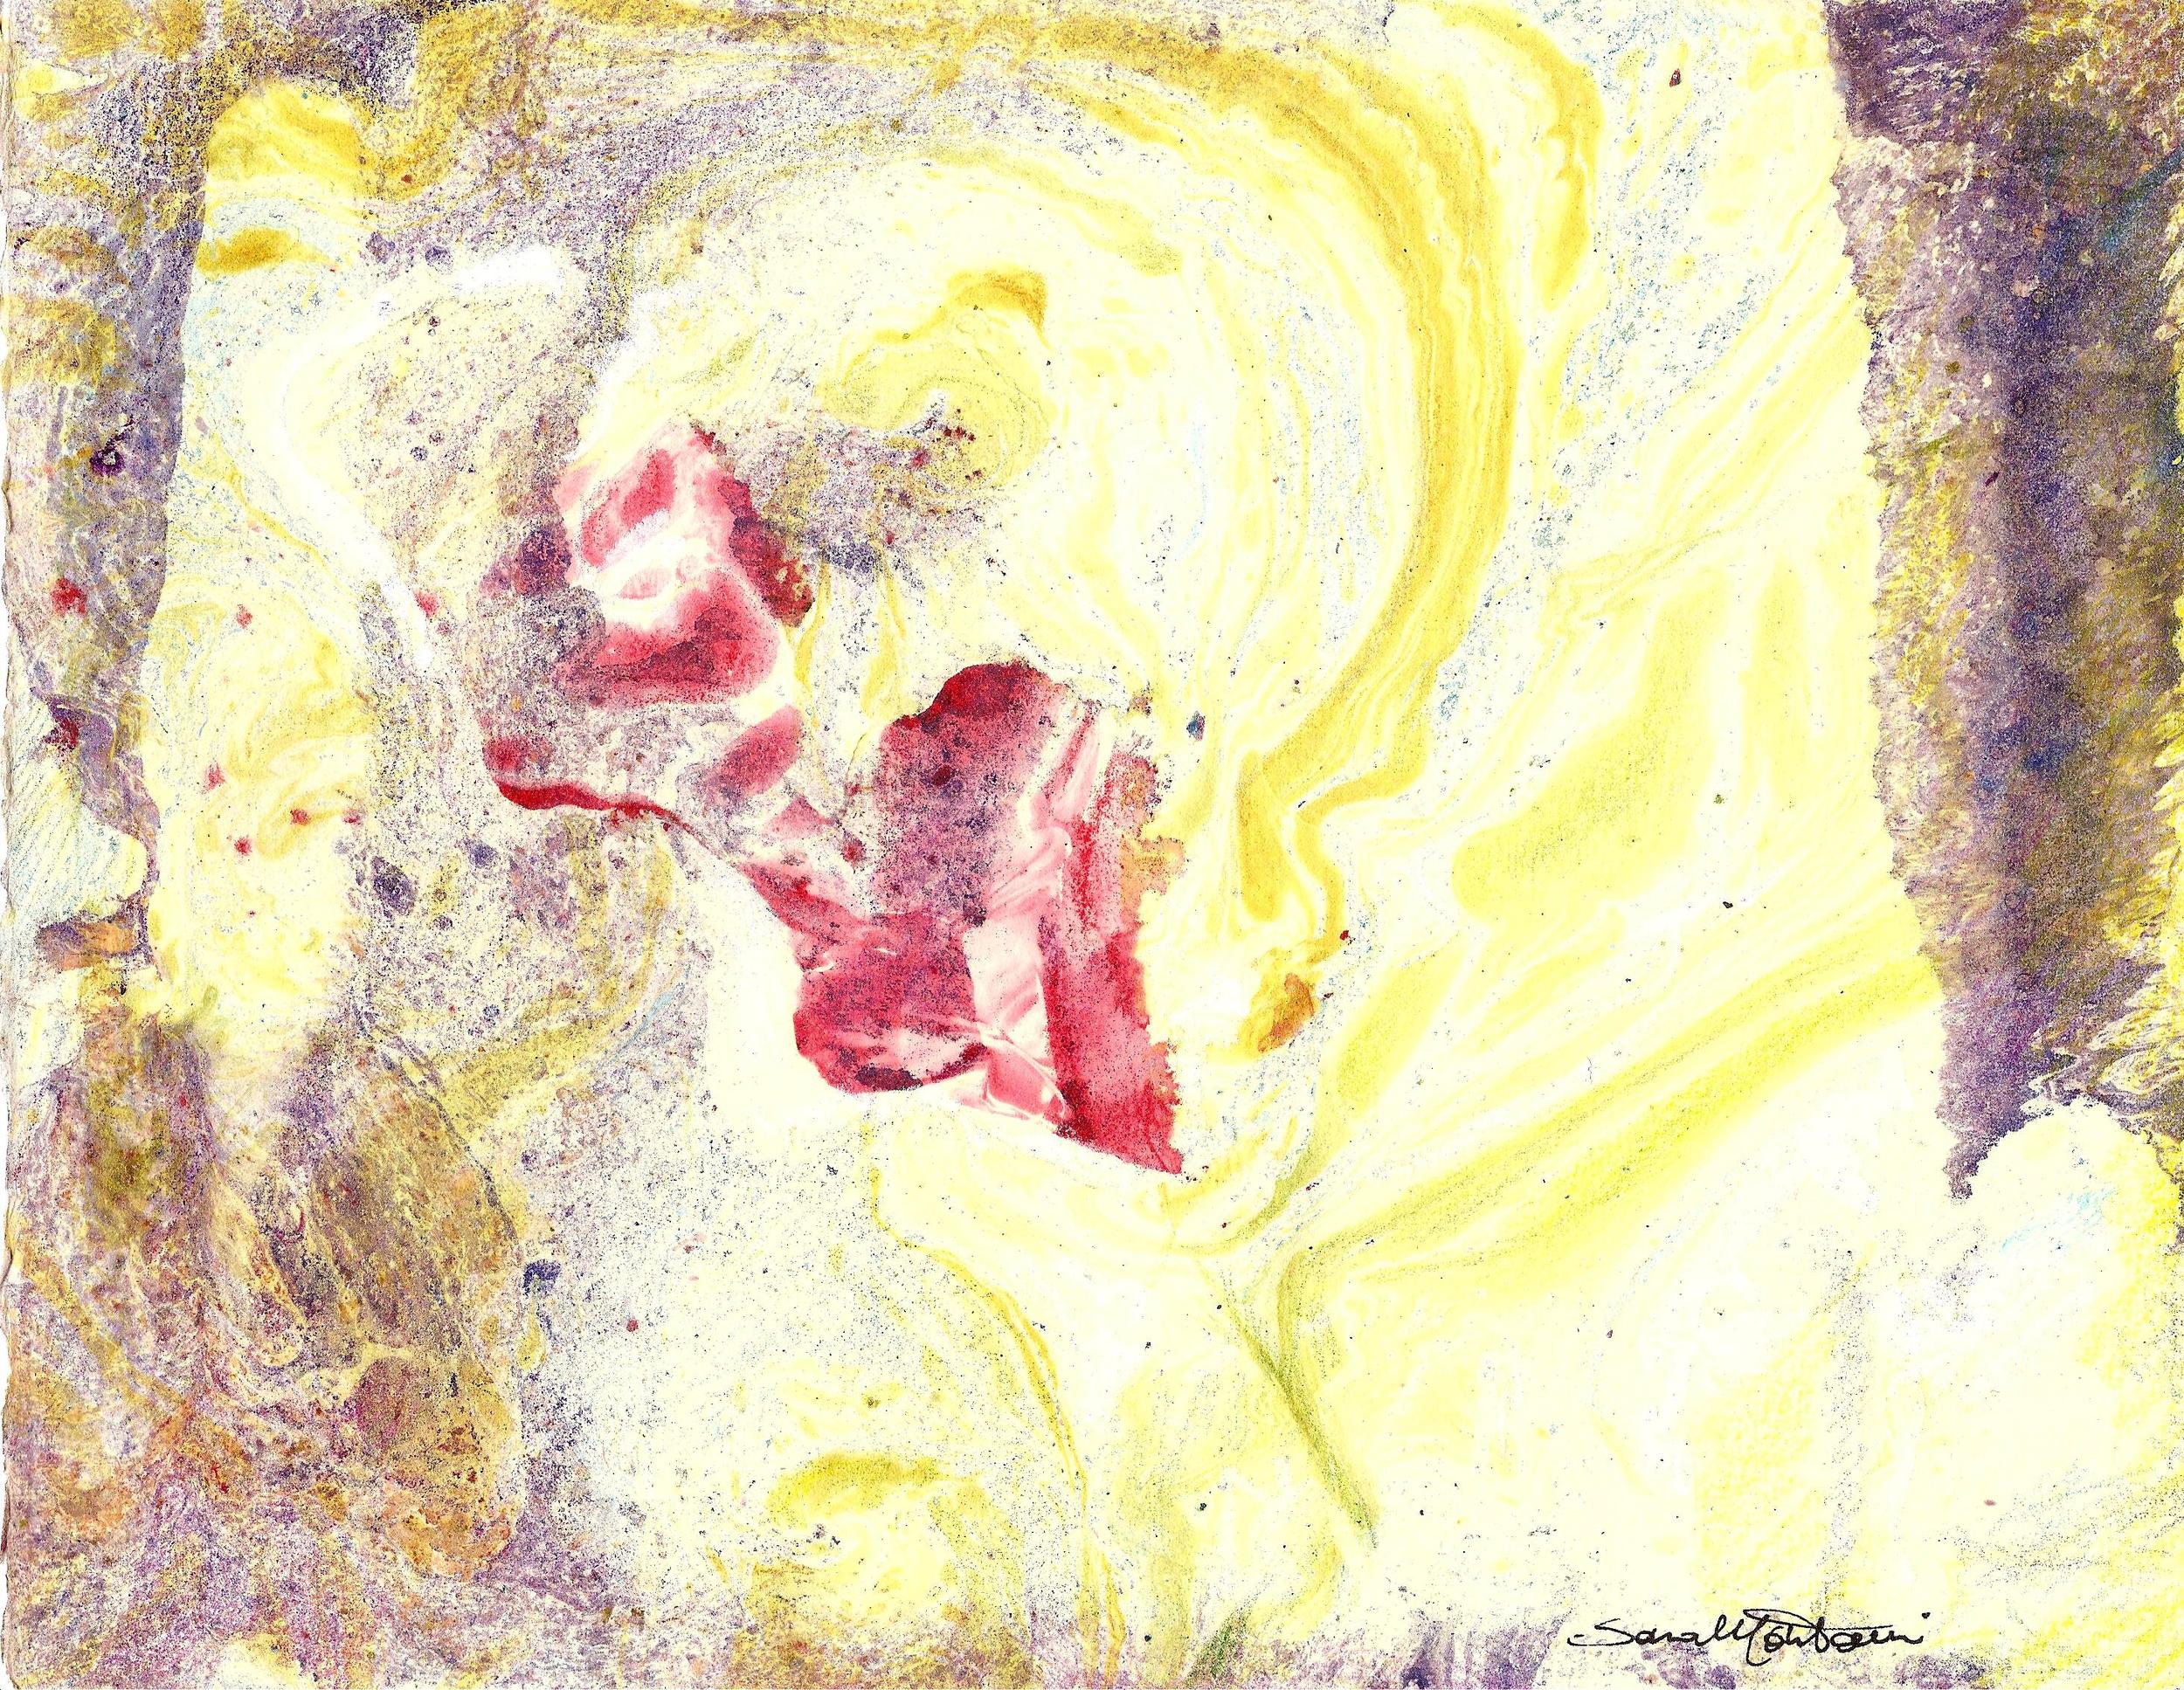 5bis colori a oli marmorizzazione.jpg